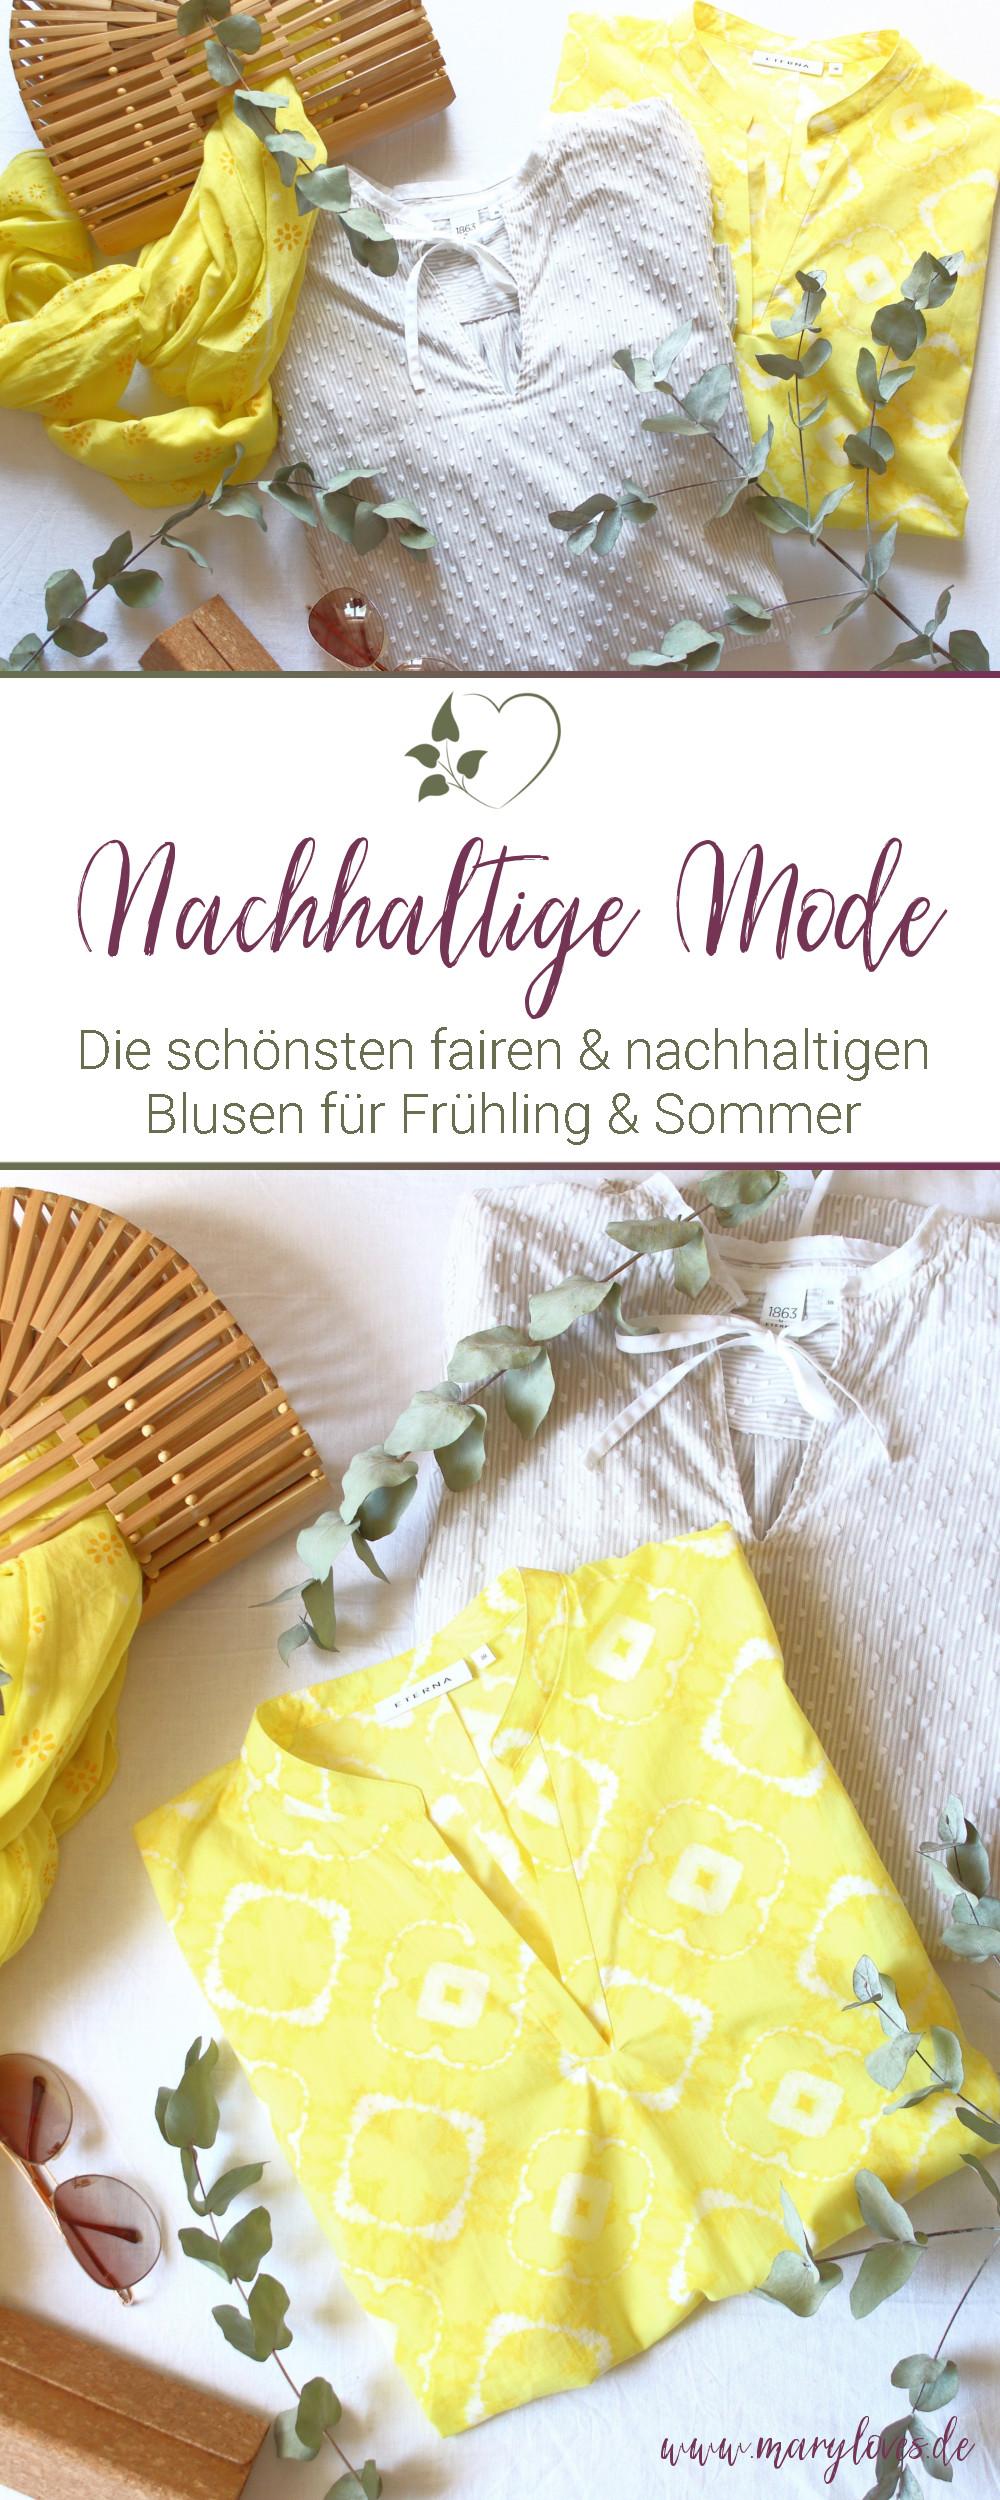 [Werbung unbeauftragt] Nachhaltige Blusen für die warme Jahreszeit - #fairfashion #faireblusen #nachhaltigeblusen #nachhaltigemode #fairesommermode #fairemode #sommerblusen